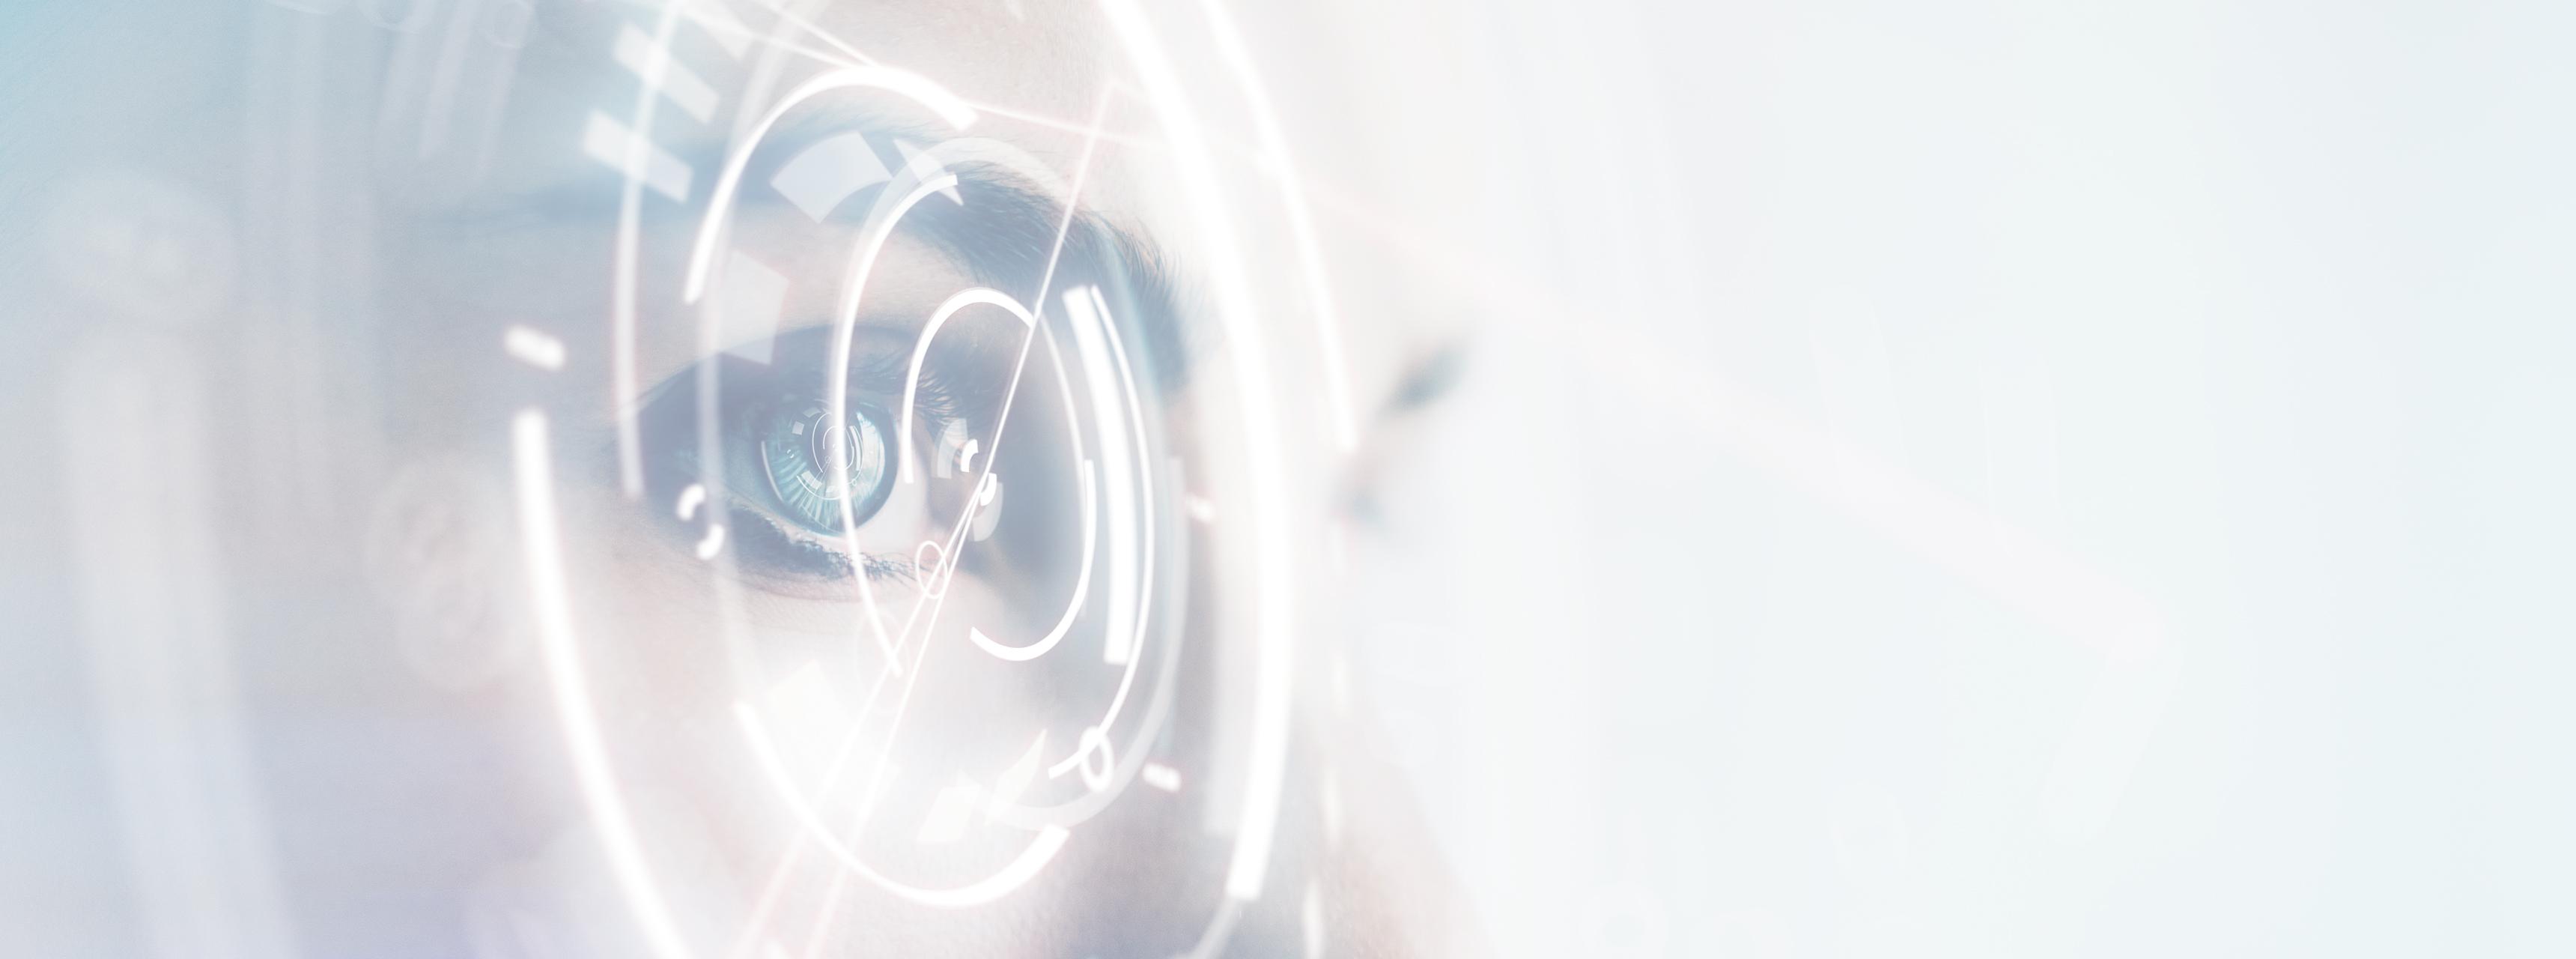 független látásvizsgálat a látás teljes helyreállítása 100% -ban